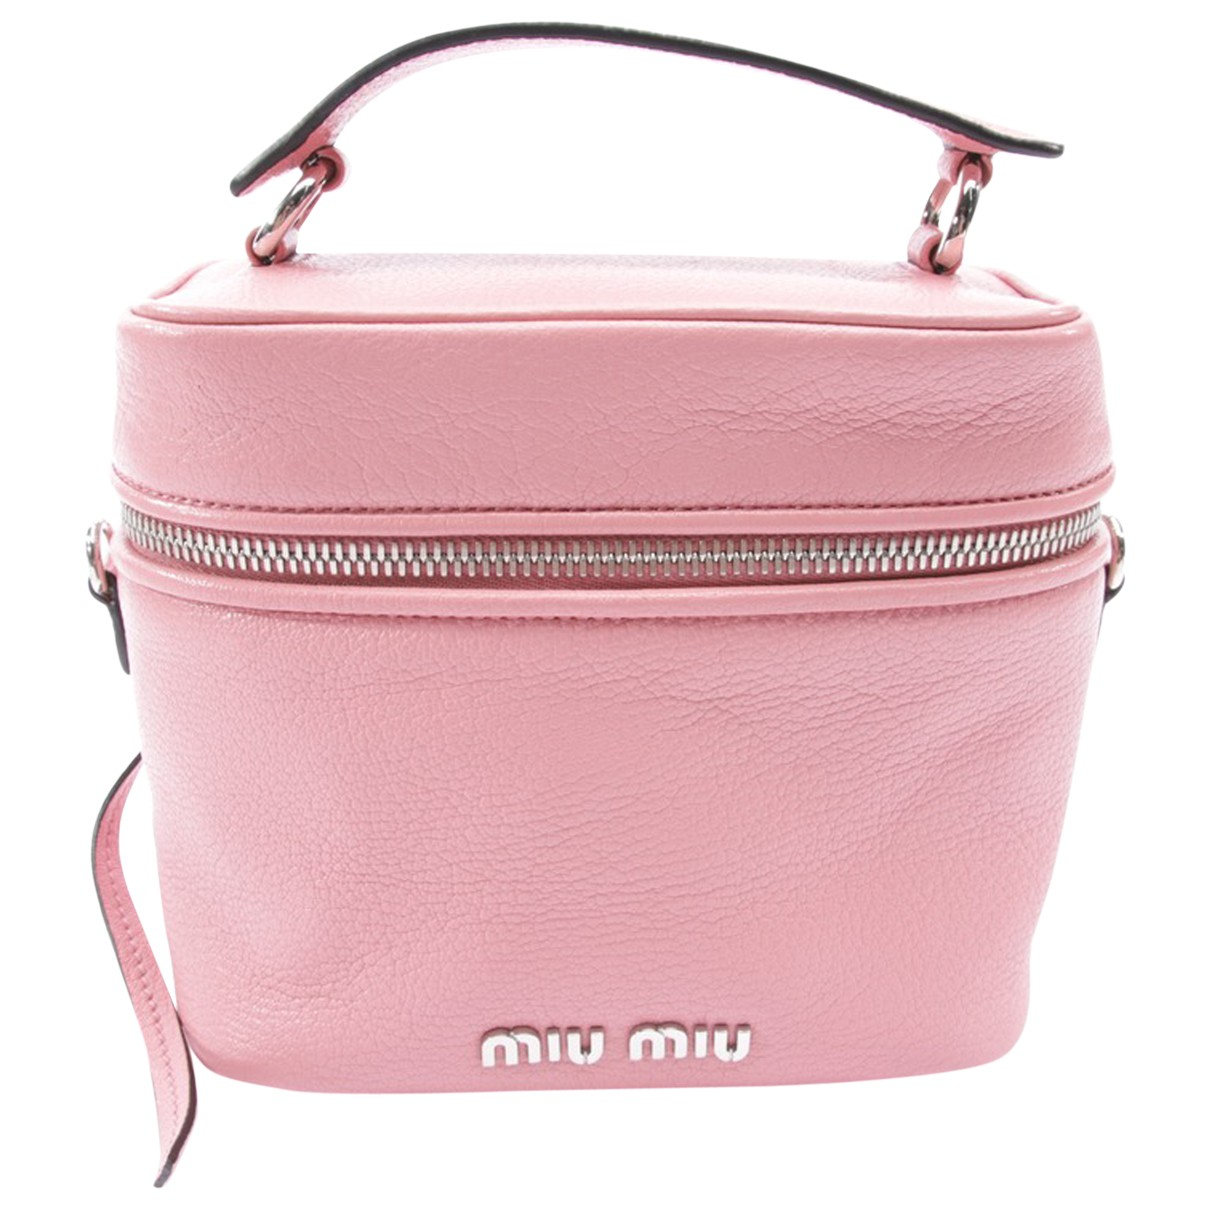 Miu Miu \N Red Leather Clutch bag for Women \N